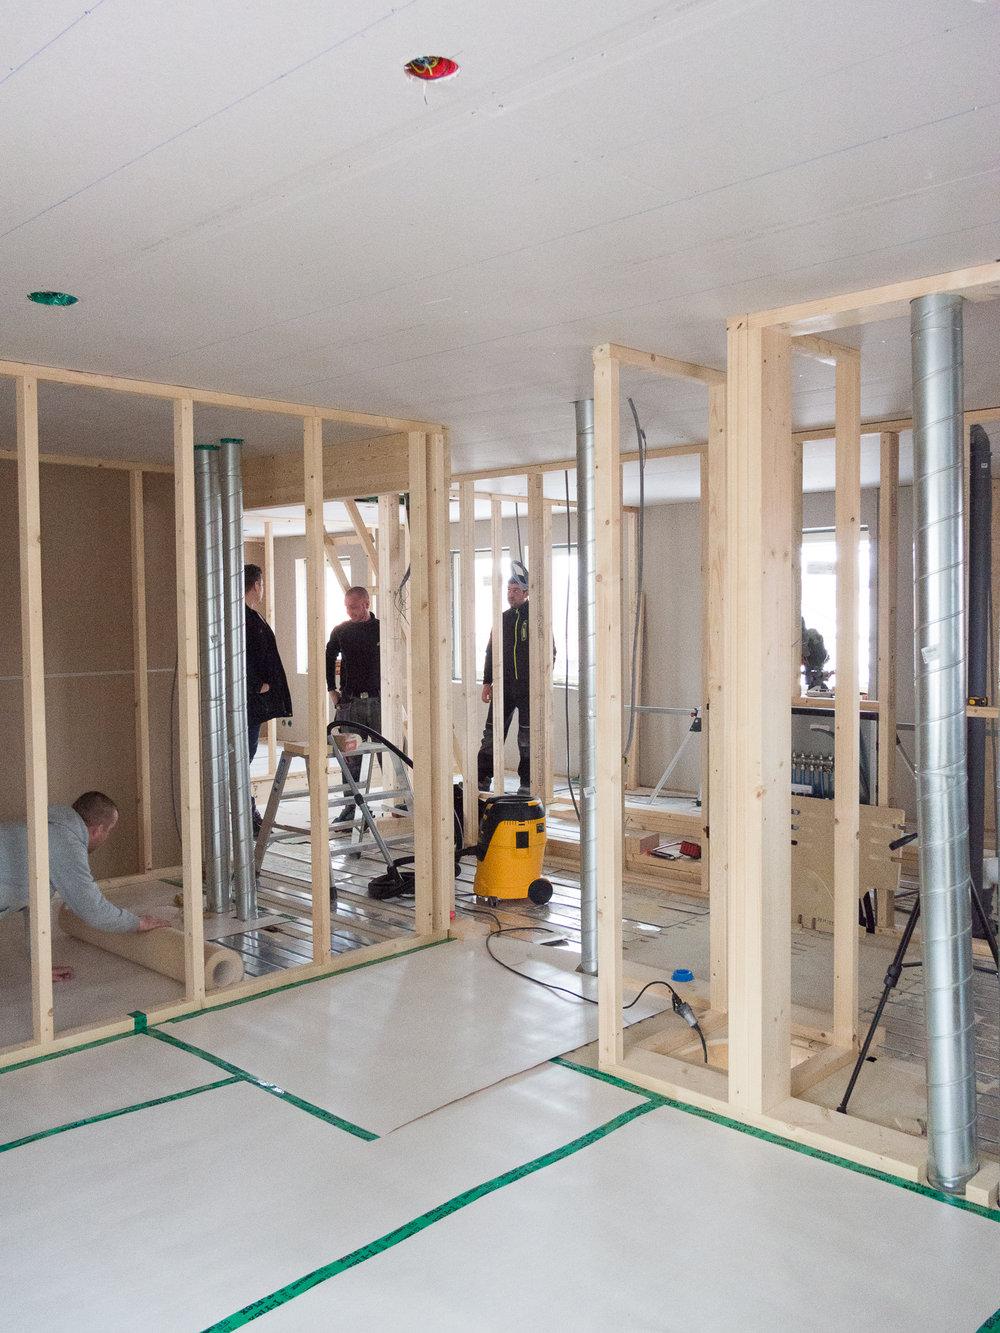 Andreas stämmer av läget med snickarna. Vy från master bedroom med walk in closet till vänster och badrum med bastu till höger.